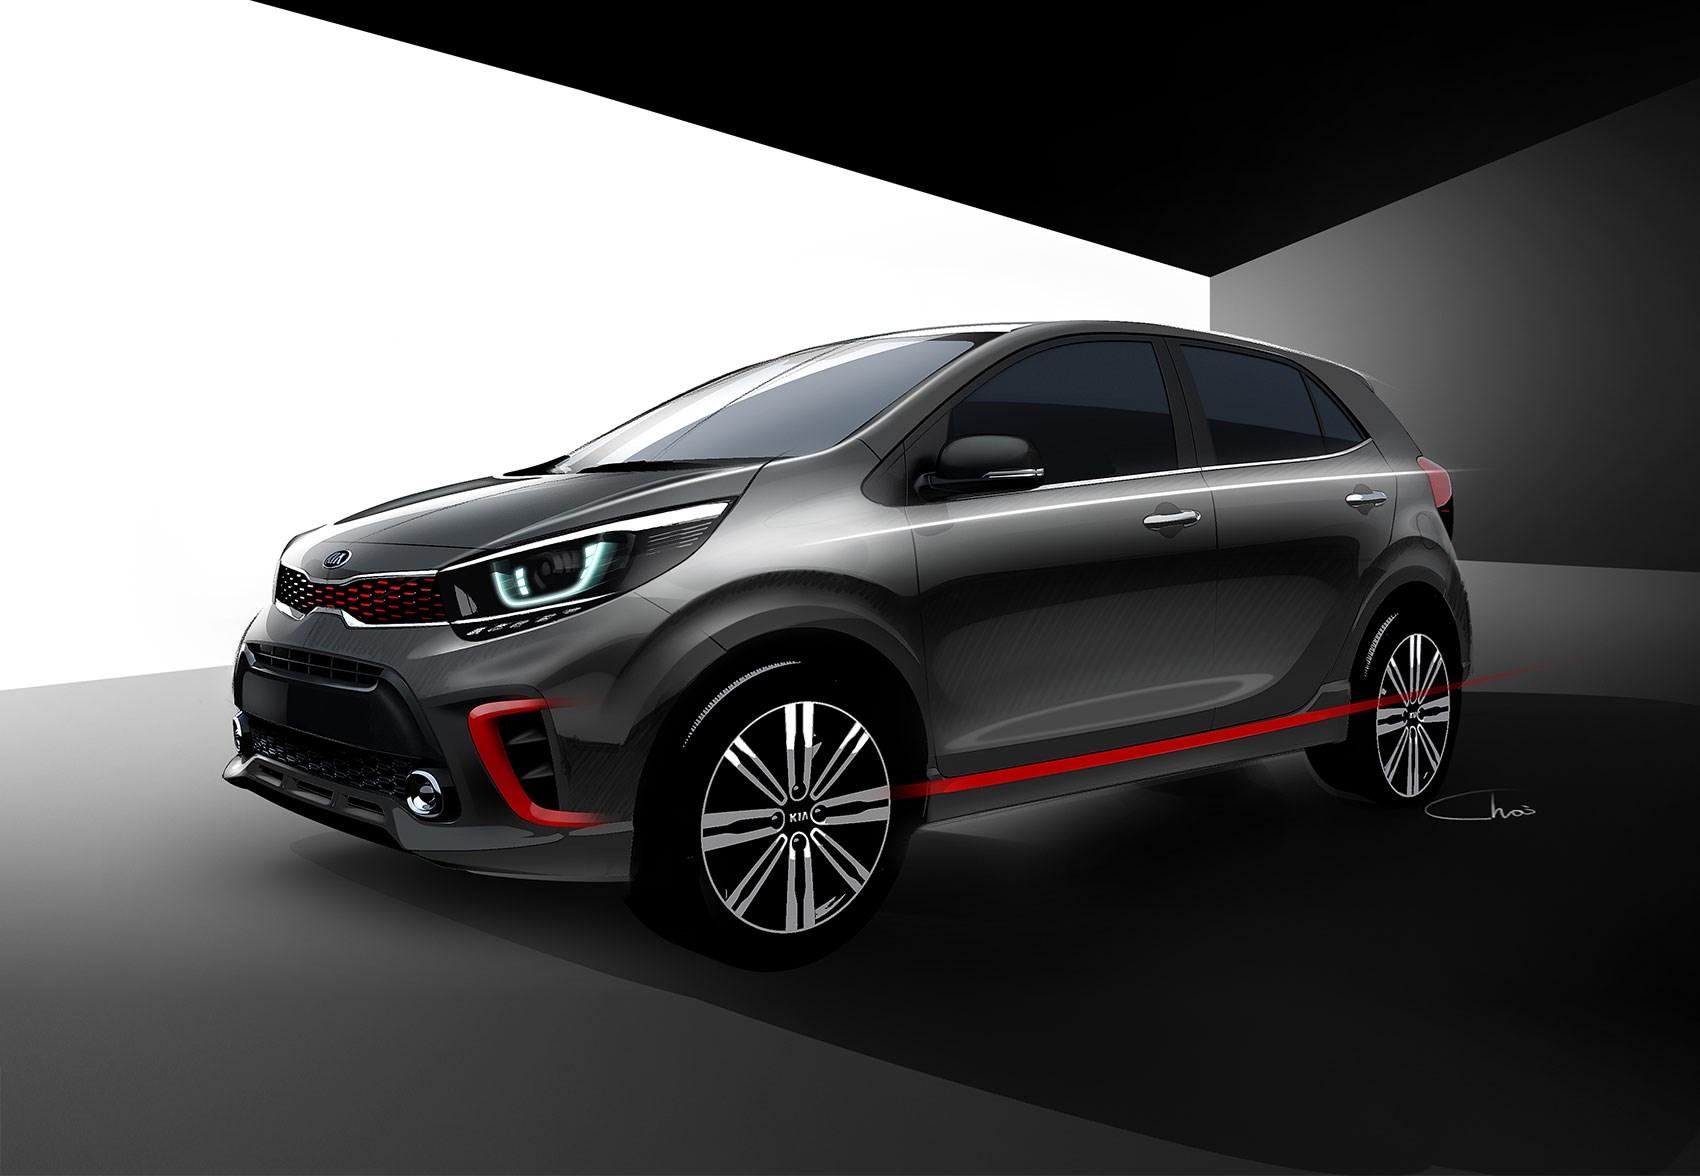 new kia picanto v3 0 meet korea s slickest city car yet